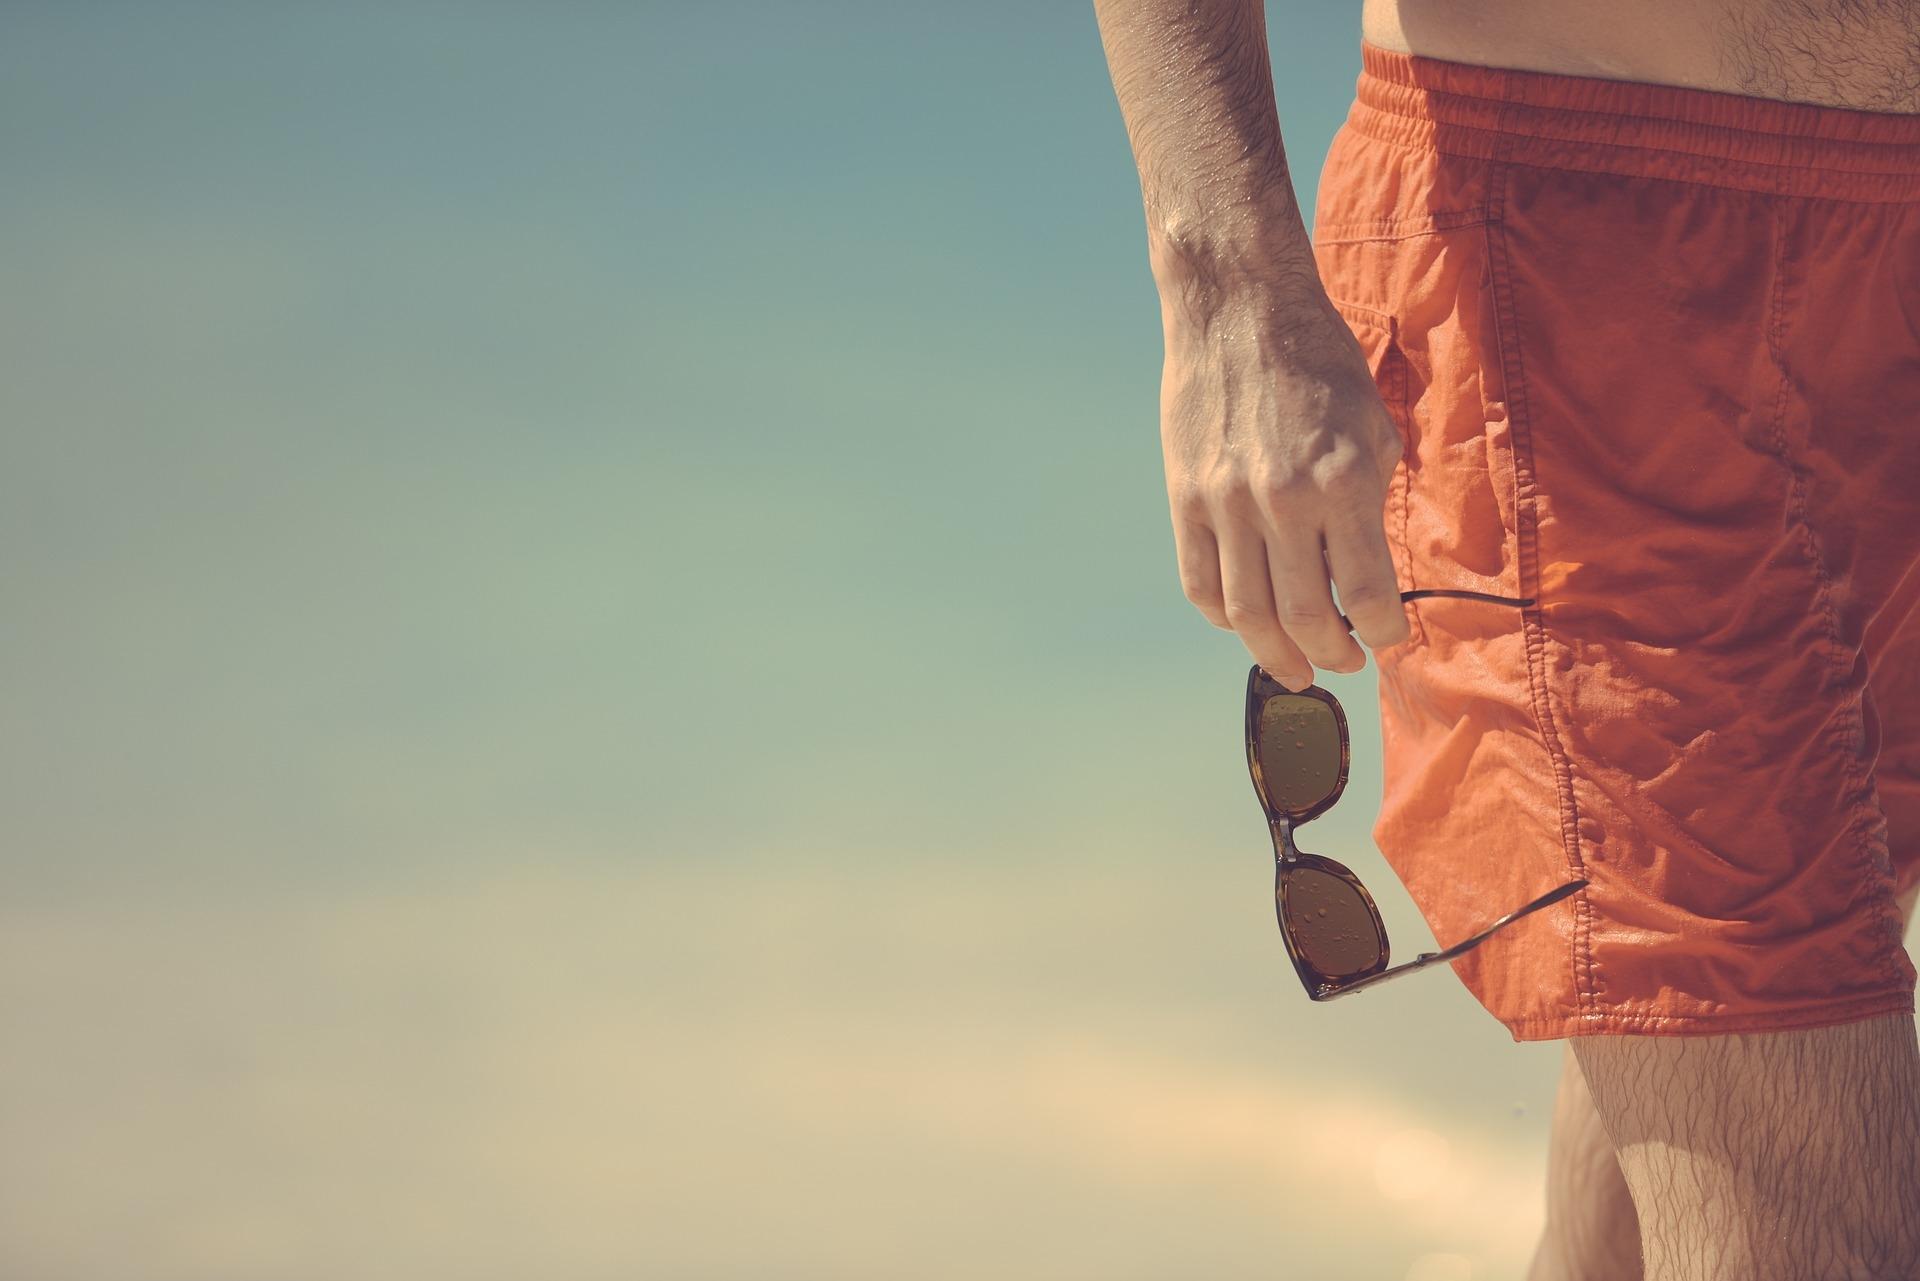 Man wearing shorts